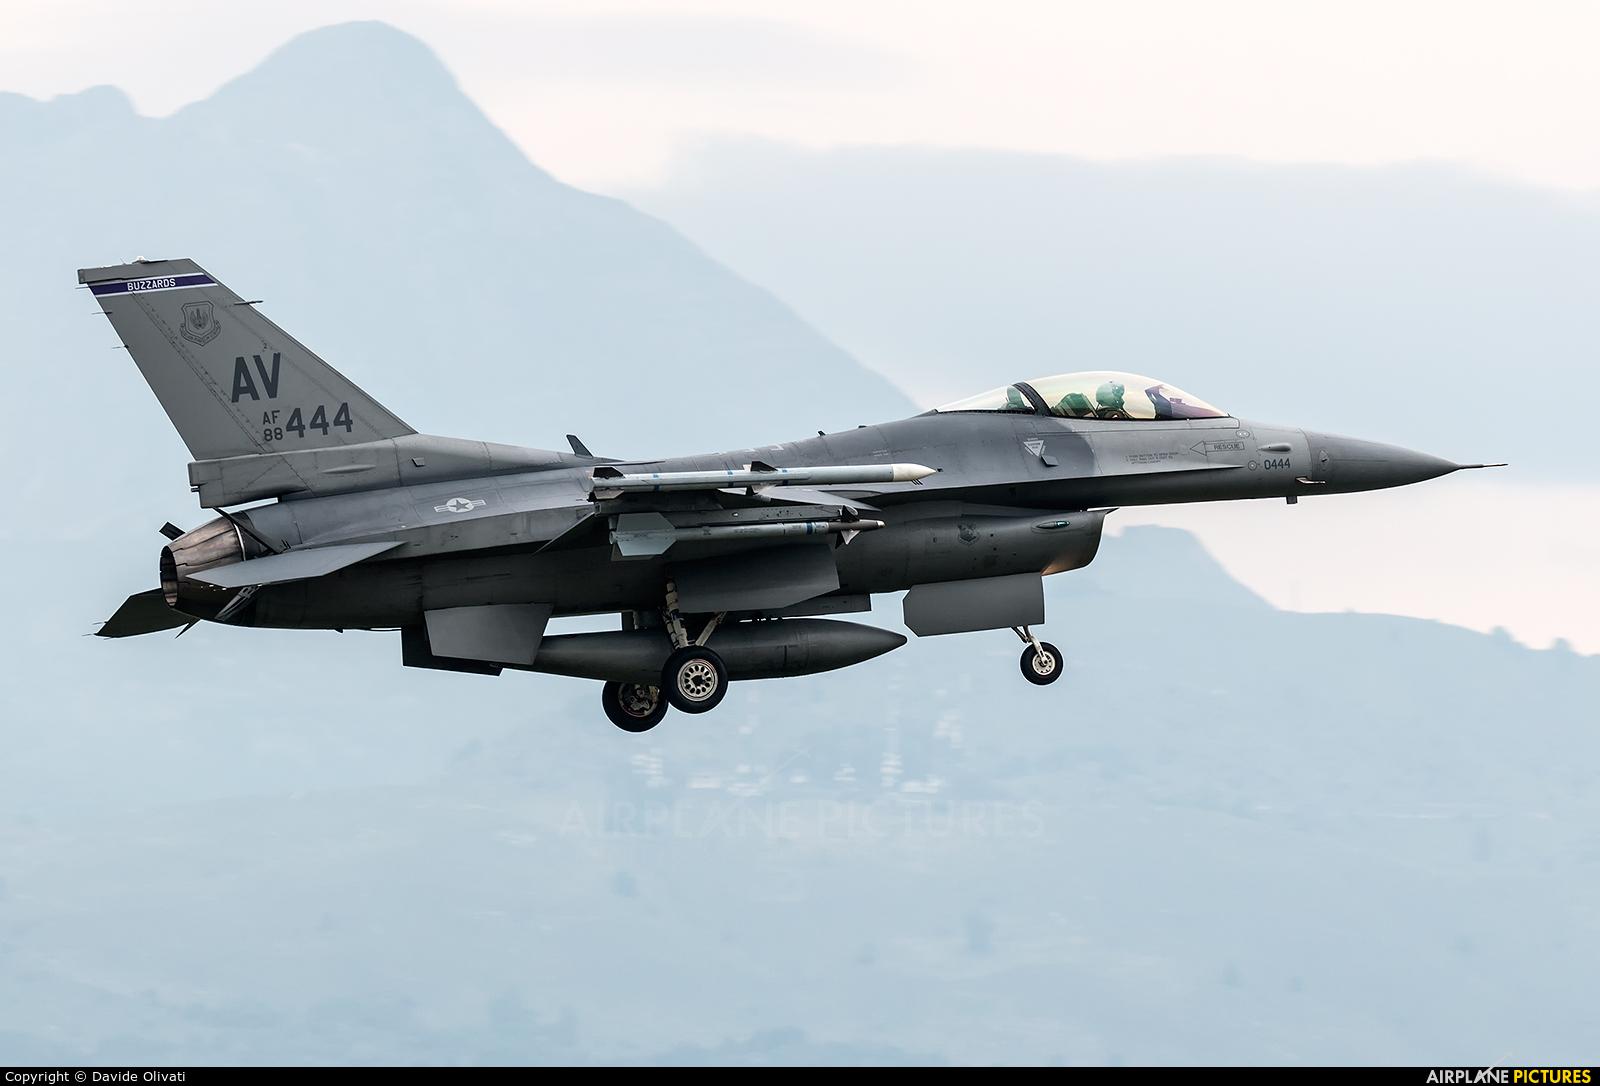 USA - Air Force 88-0444 aircraft at Aviano